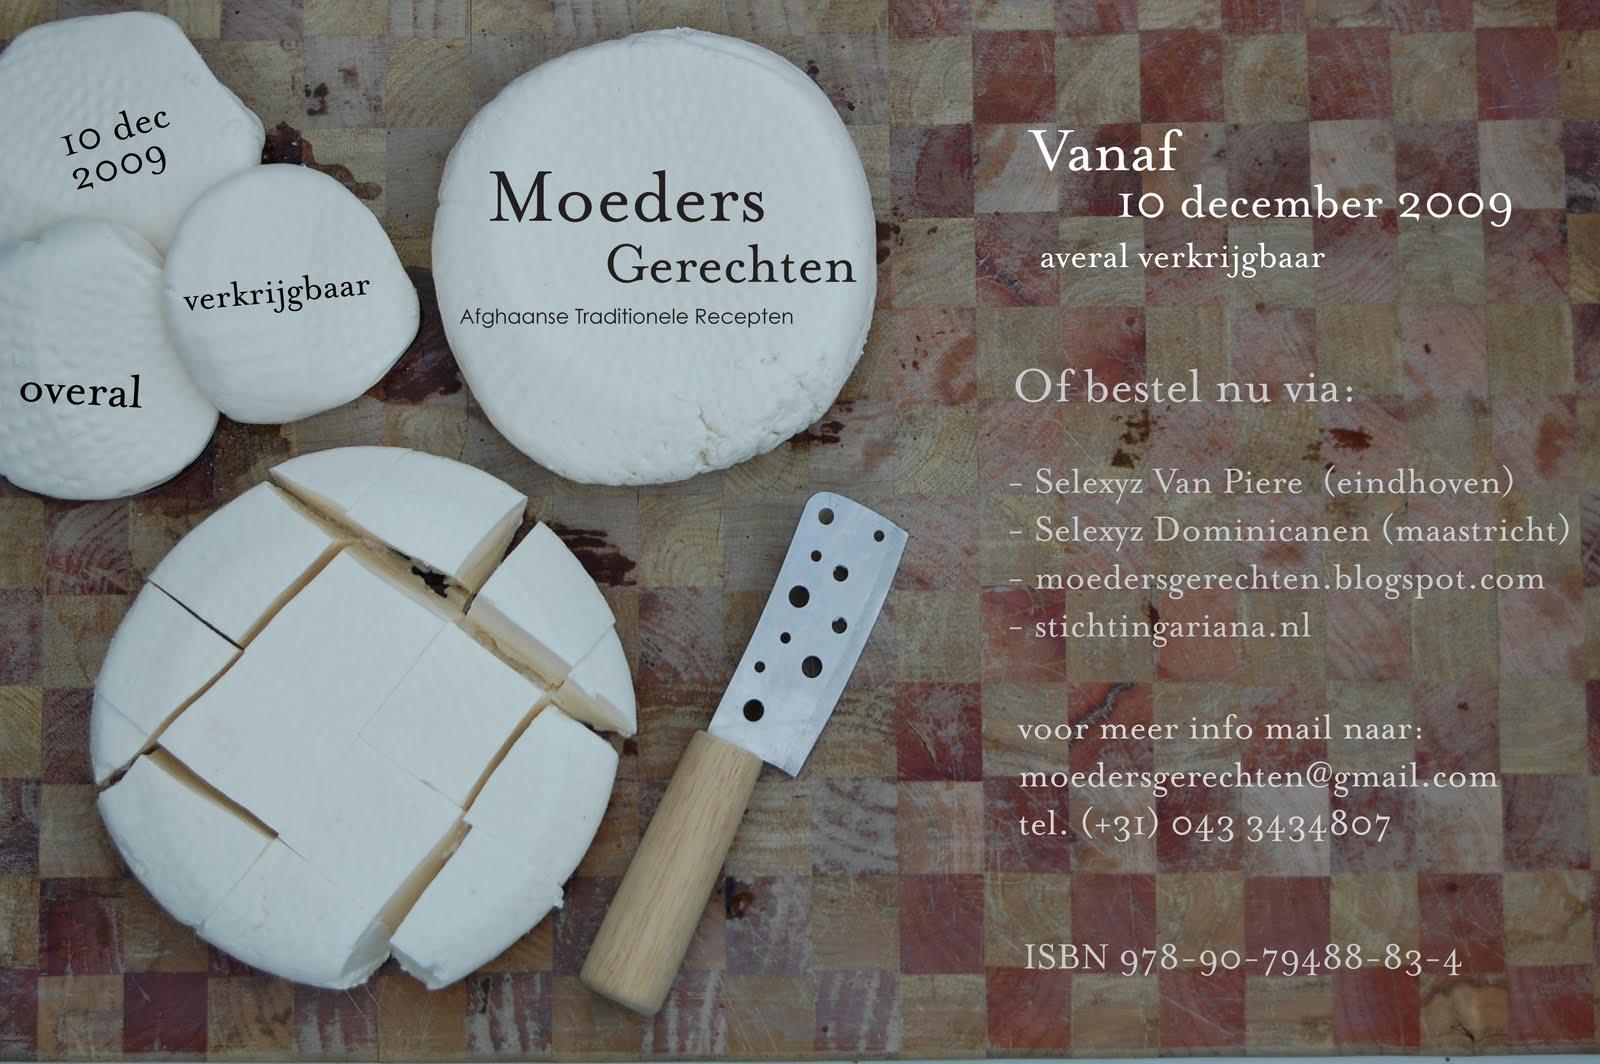 Moeders gerechten nu te koop via Selexyz Van Piere in Eindhoven